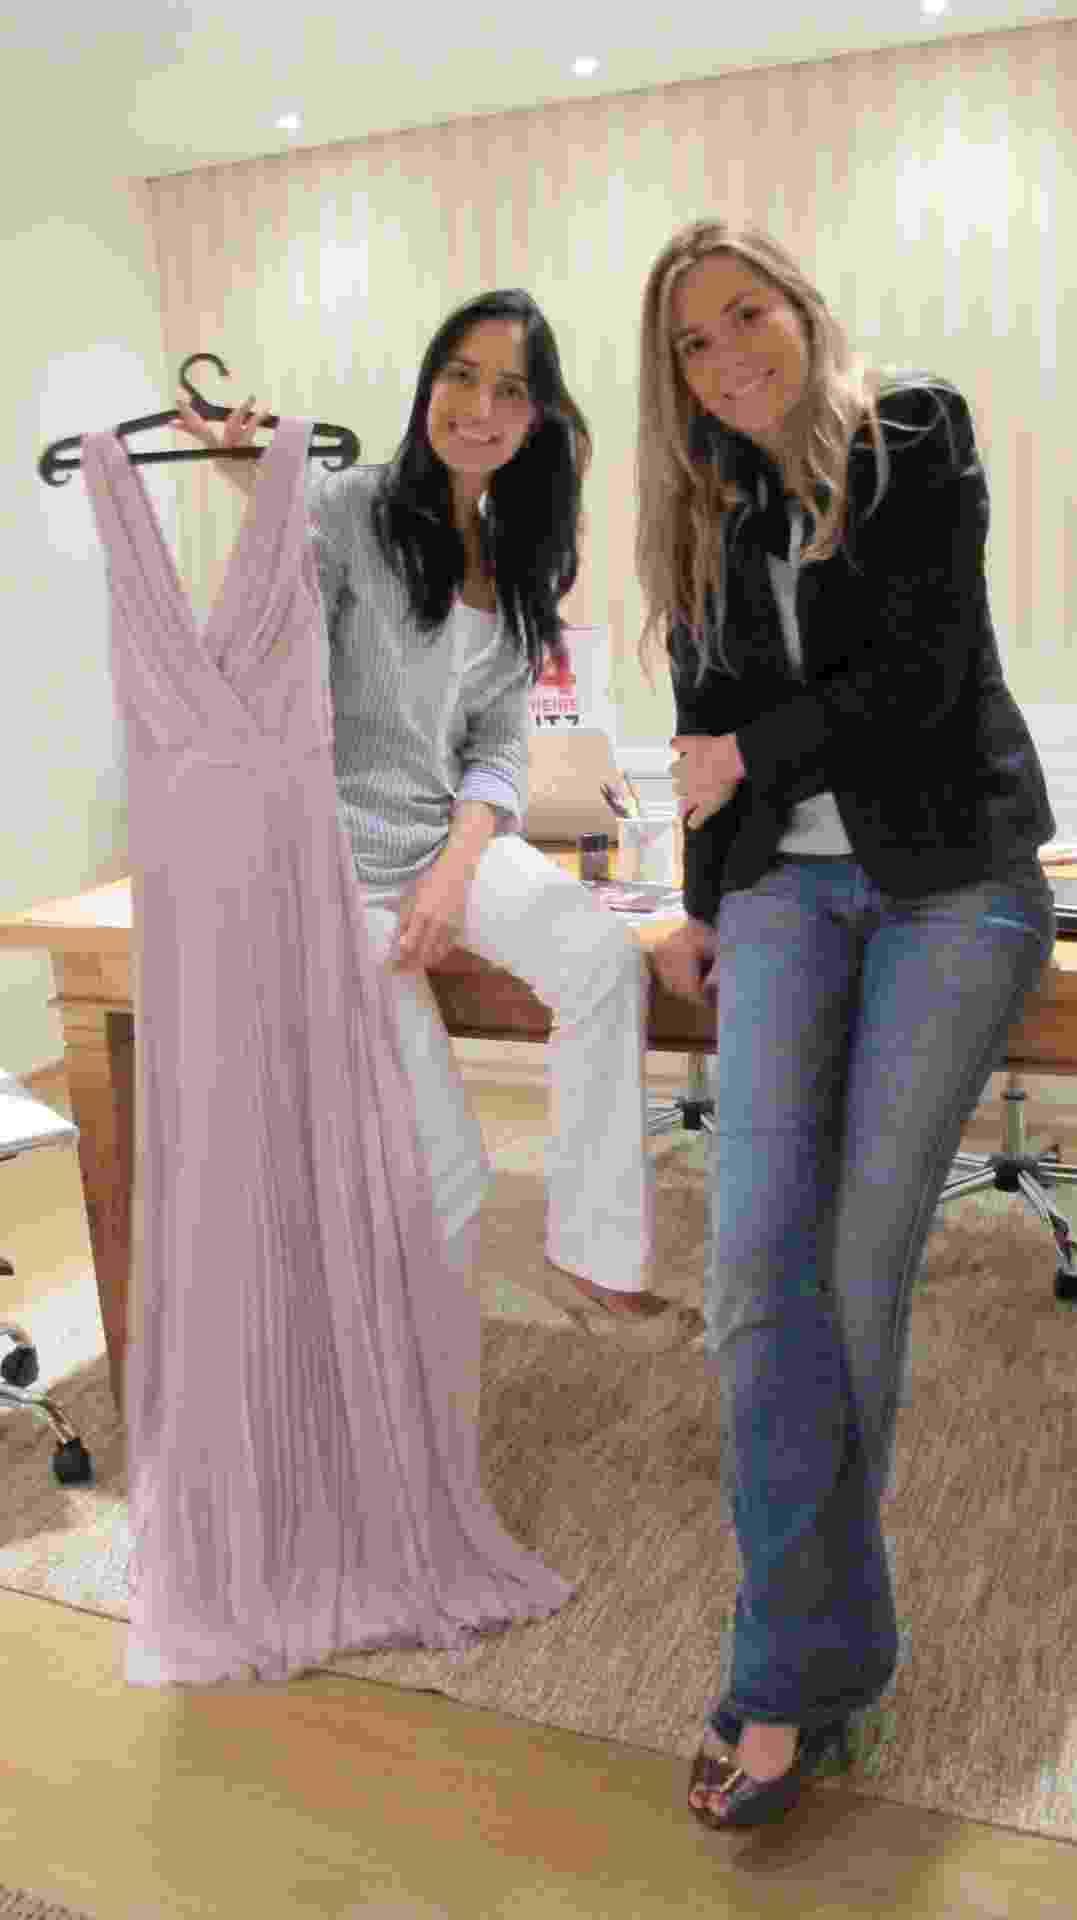 Empreendedoras Mariana Penazzo e Barbara Diniz, fundadoras da empresa de aluguel de vestidos de grife Dress&Go - Divulgação